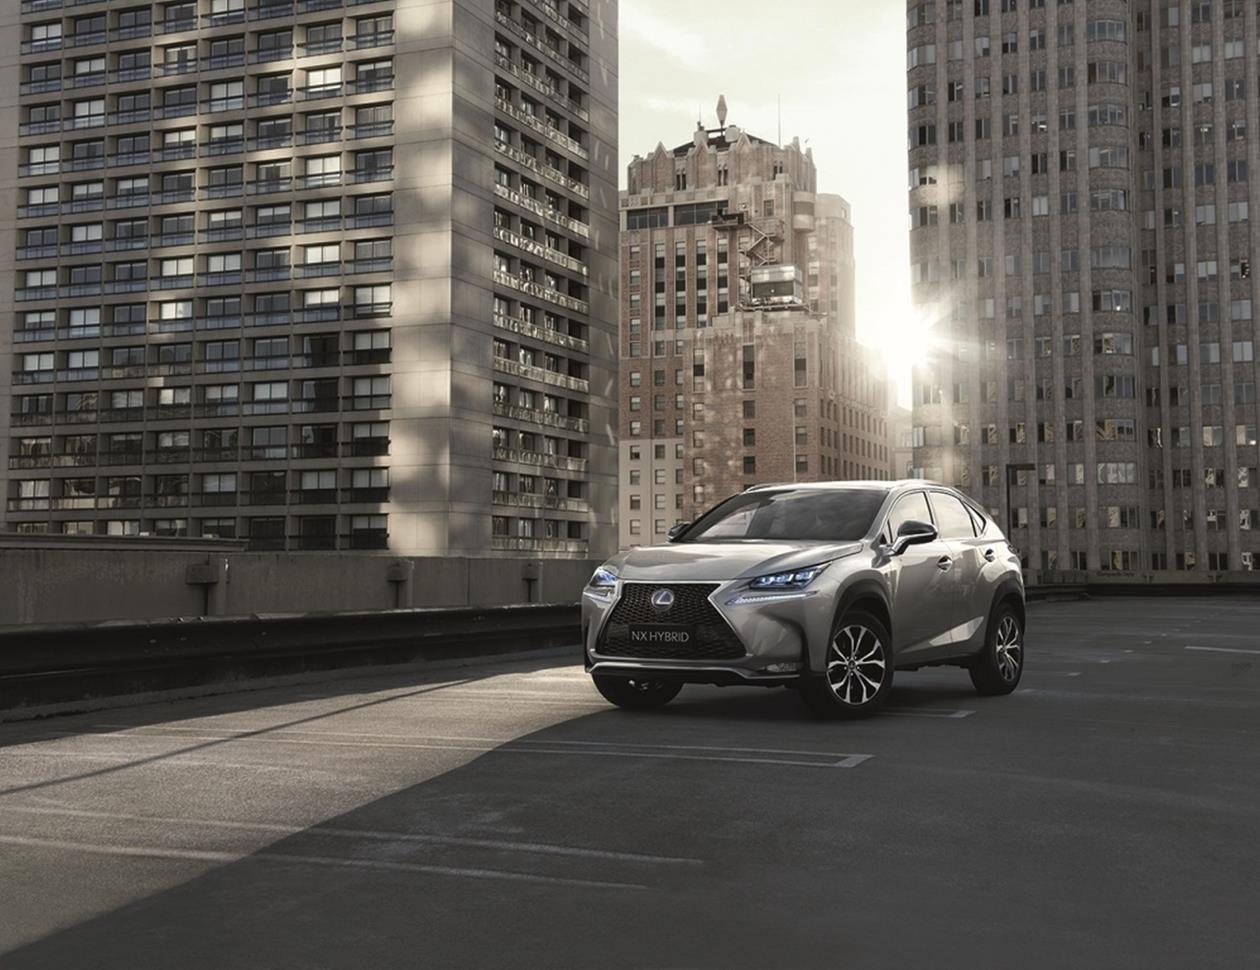 Lexus: importanti riconoscimenti per l'inizio del 2015 - image 003639-000035026 on https://motori.net